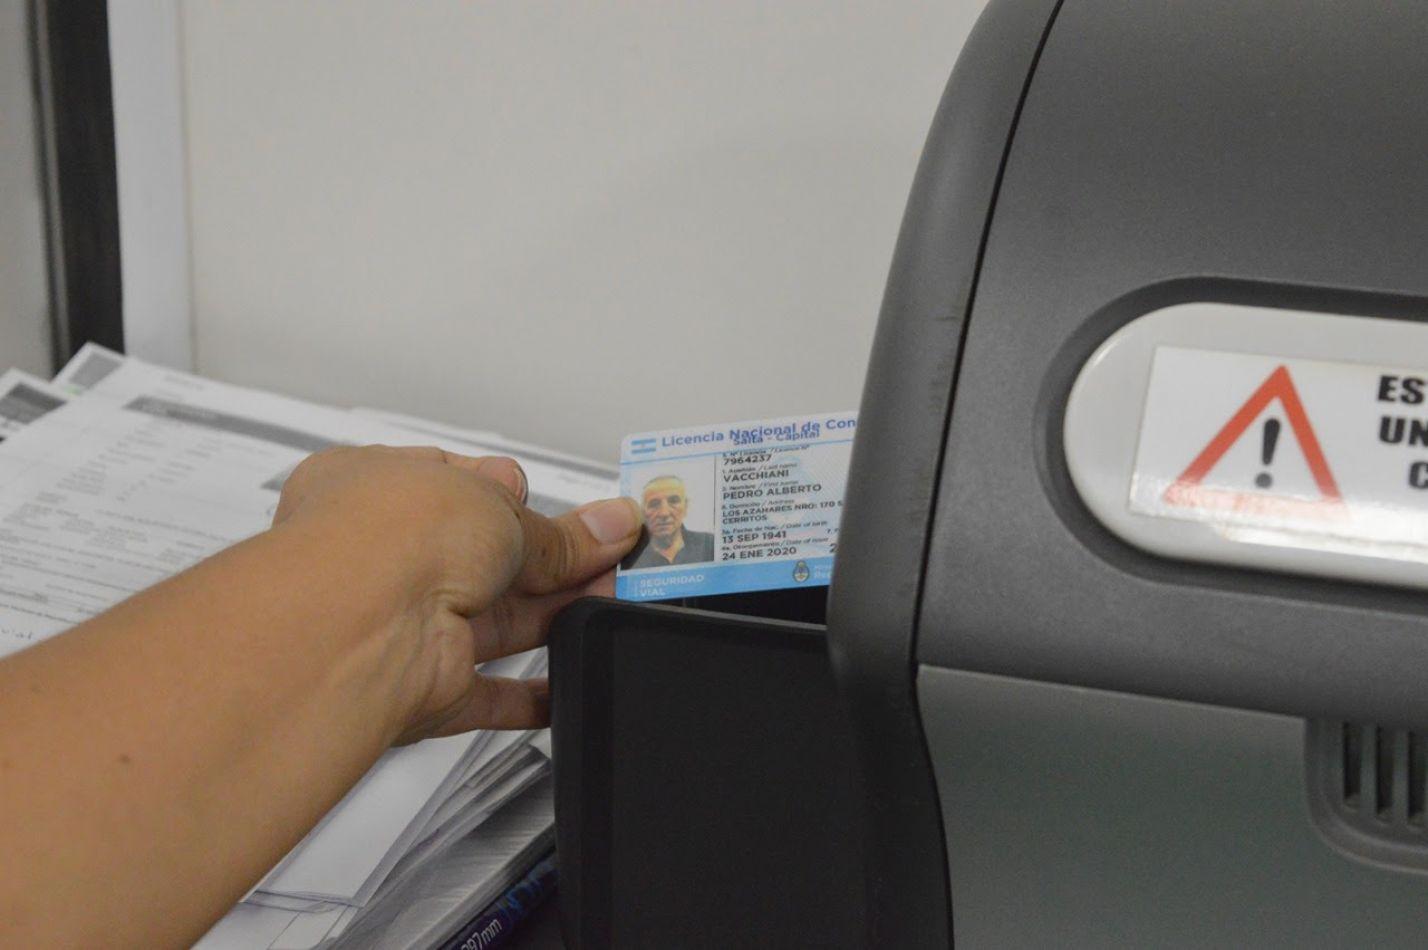 Se habilitaron los turnos para tramitar en febrero la licencia de conducir